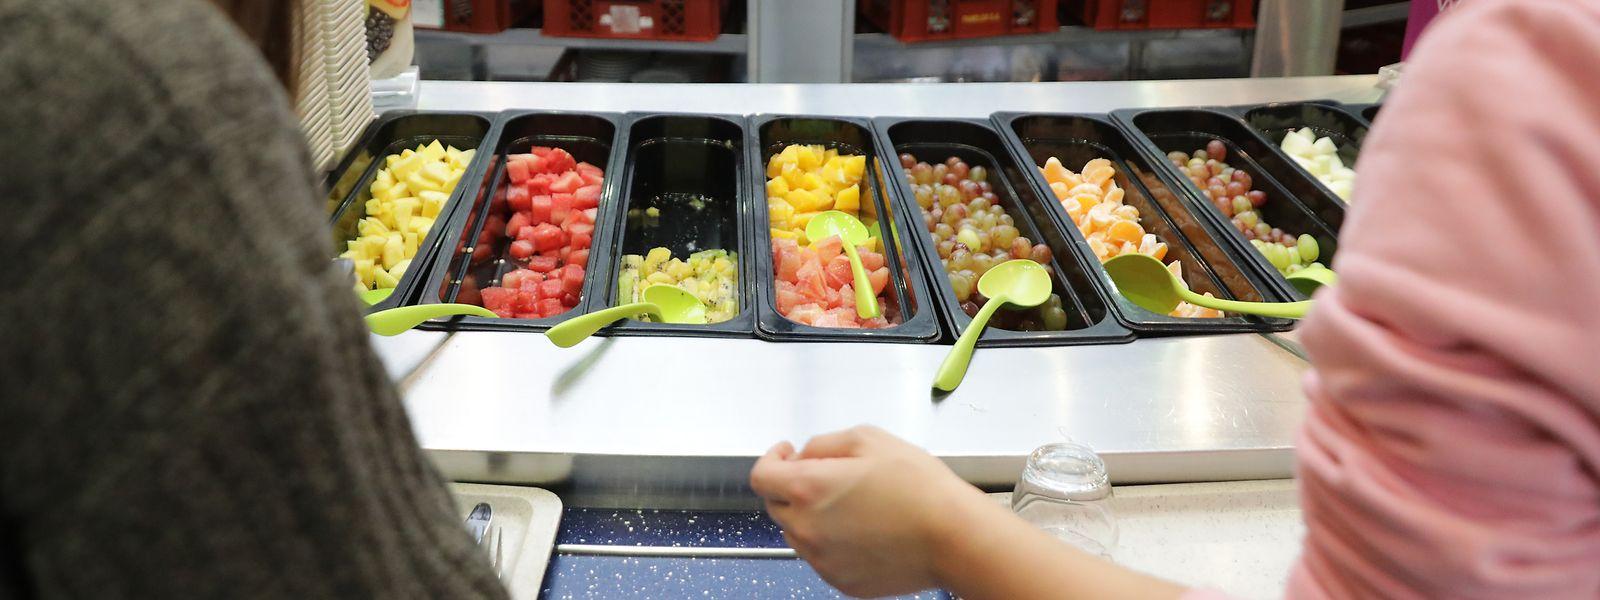 Chaque année, les 51 sites Restopolis avalent 3.000 tonnes de fruits, viandes, légumes, poissons, desserts. Voraces, les élèves!